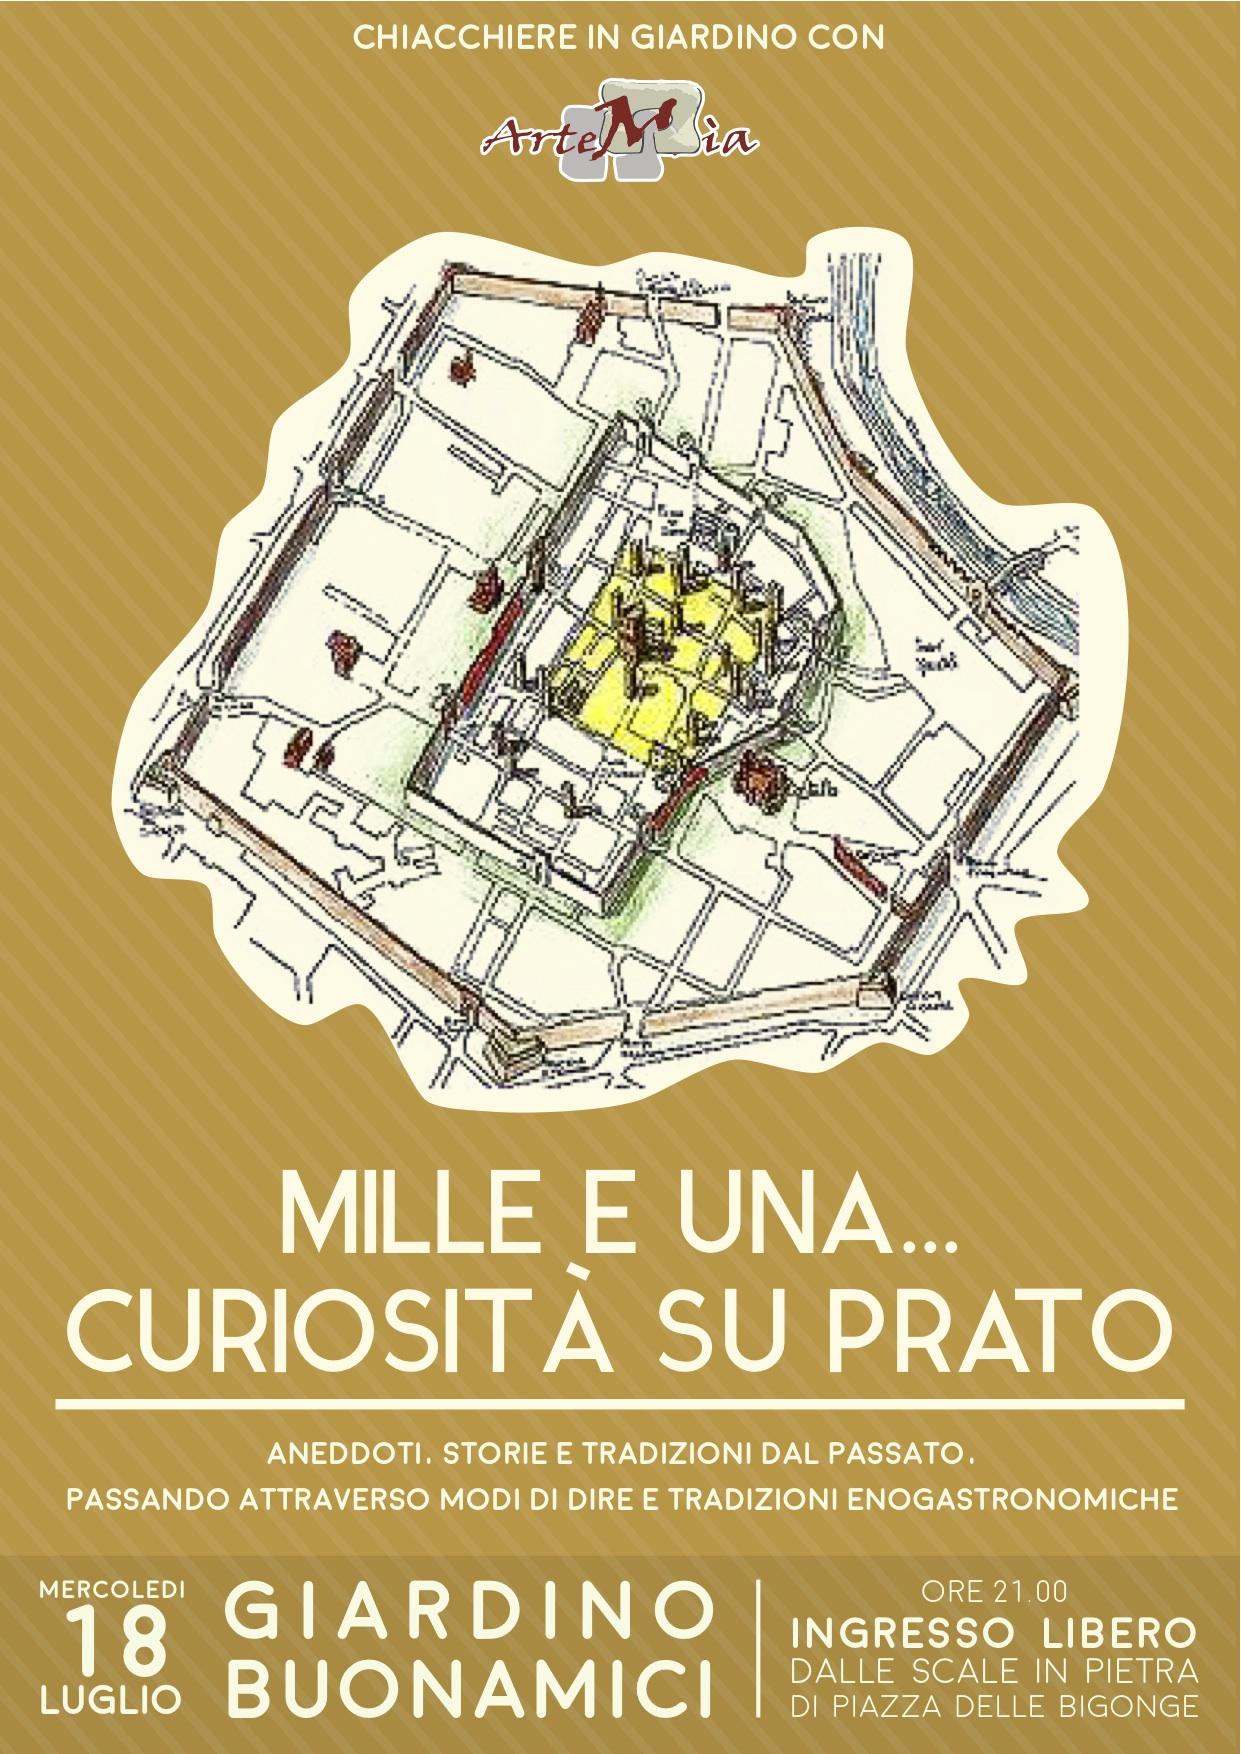 CHIACCHIERE IN GIARDINO CON ARTEMIA… Mille e una… curiosità su Prato.